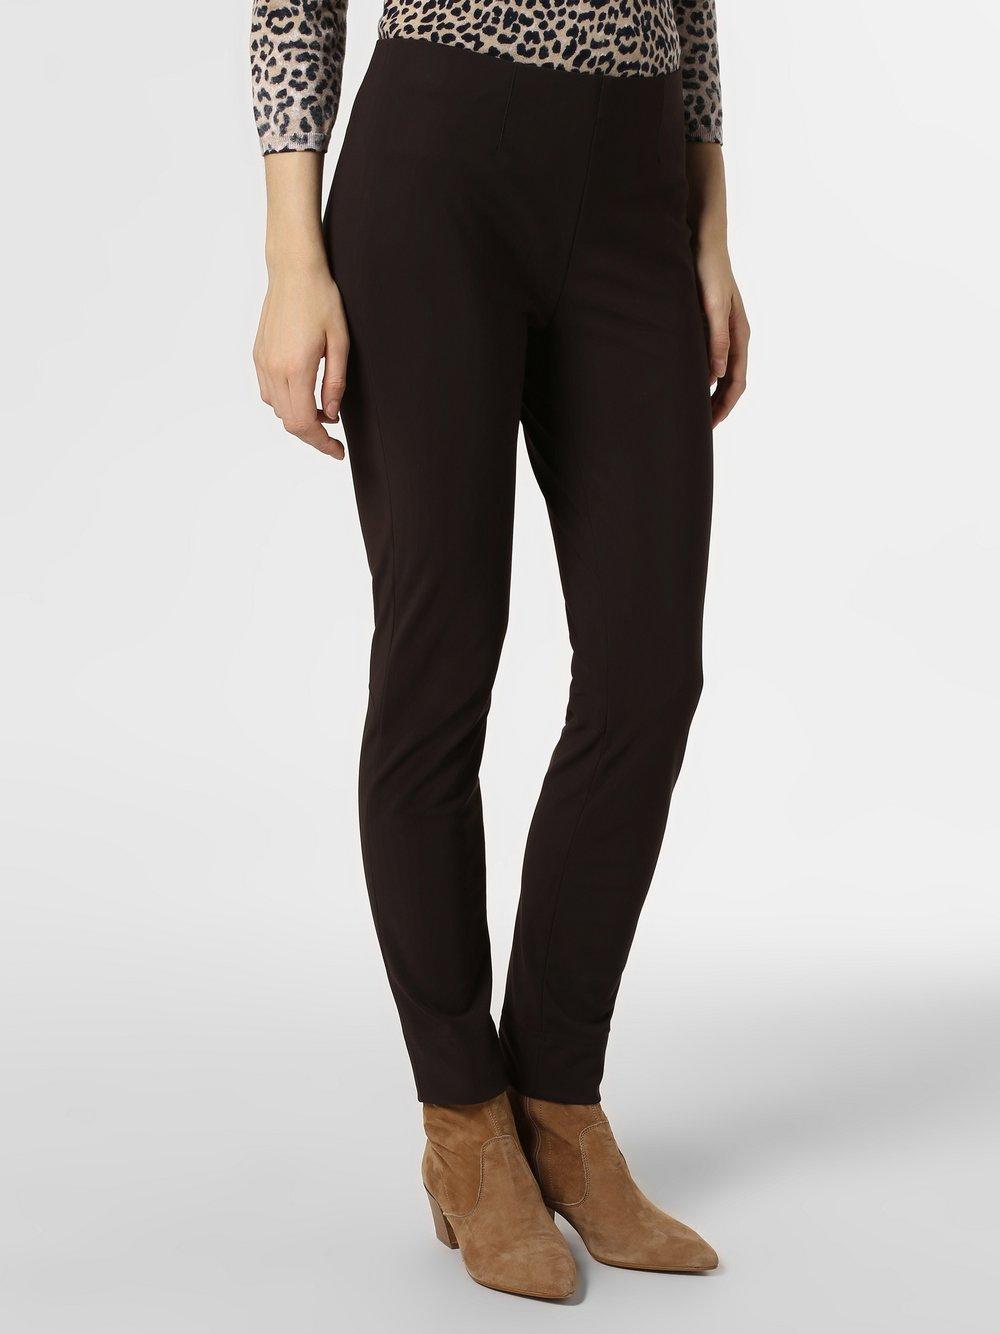 RAFFAELLO ROSSI – Spodnie damskie – Penny, brązowy Van Graaf 414310-0003